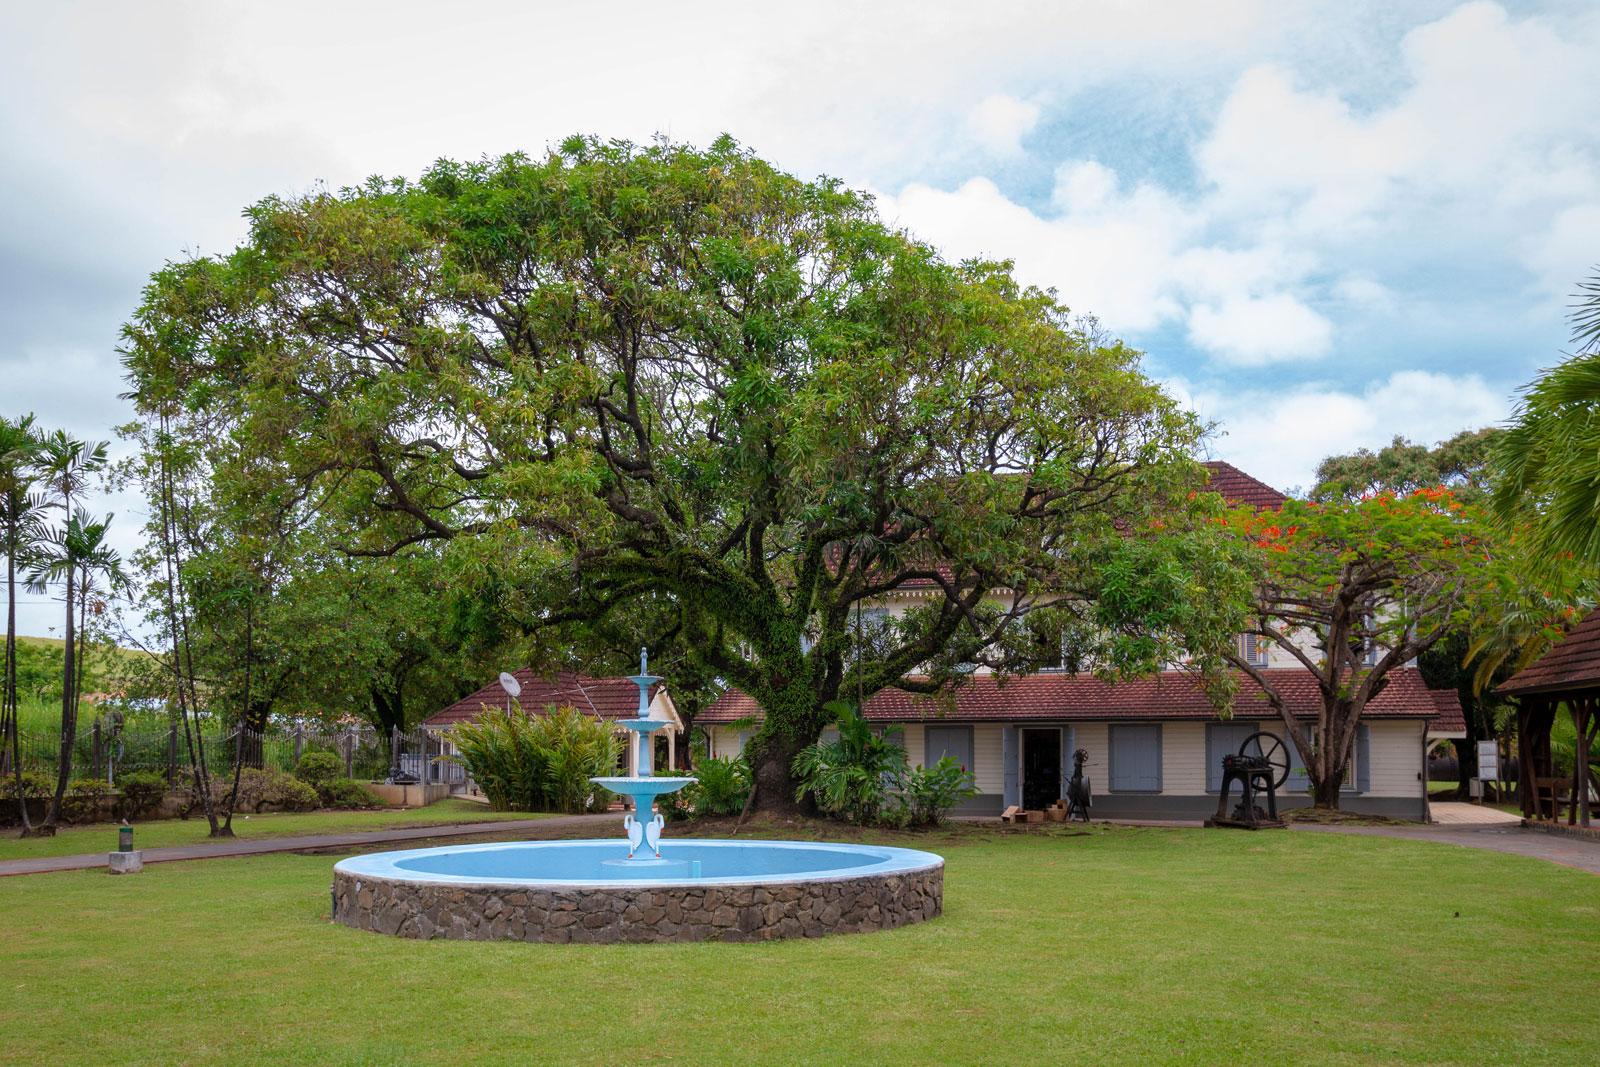 distillerie saint-james : arbre centenaire dans jardin